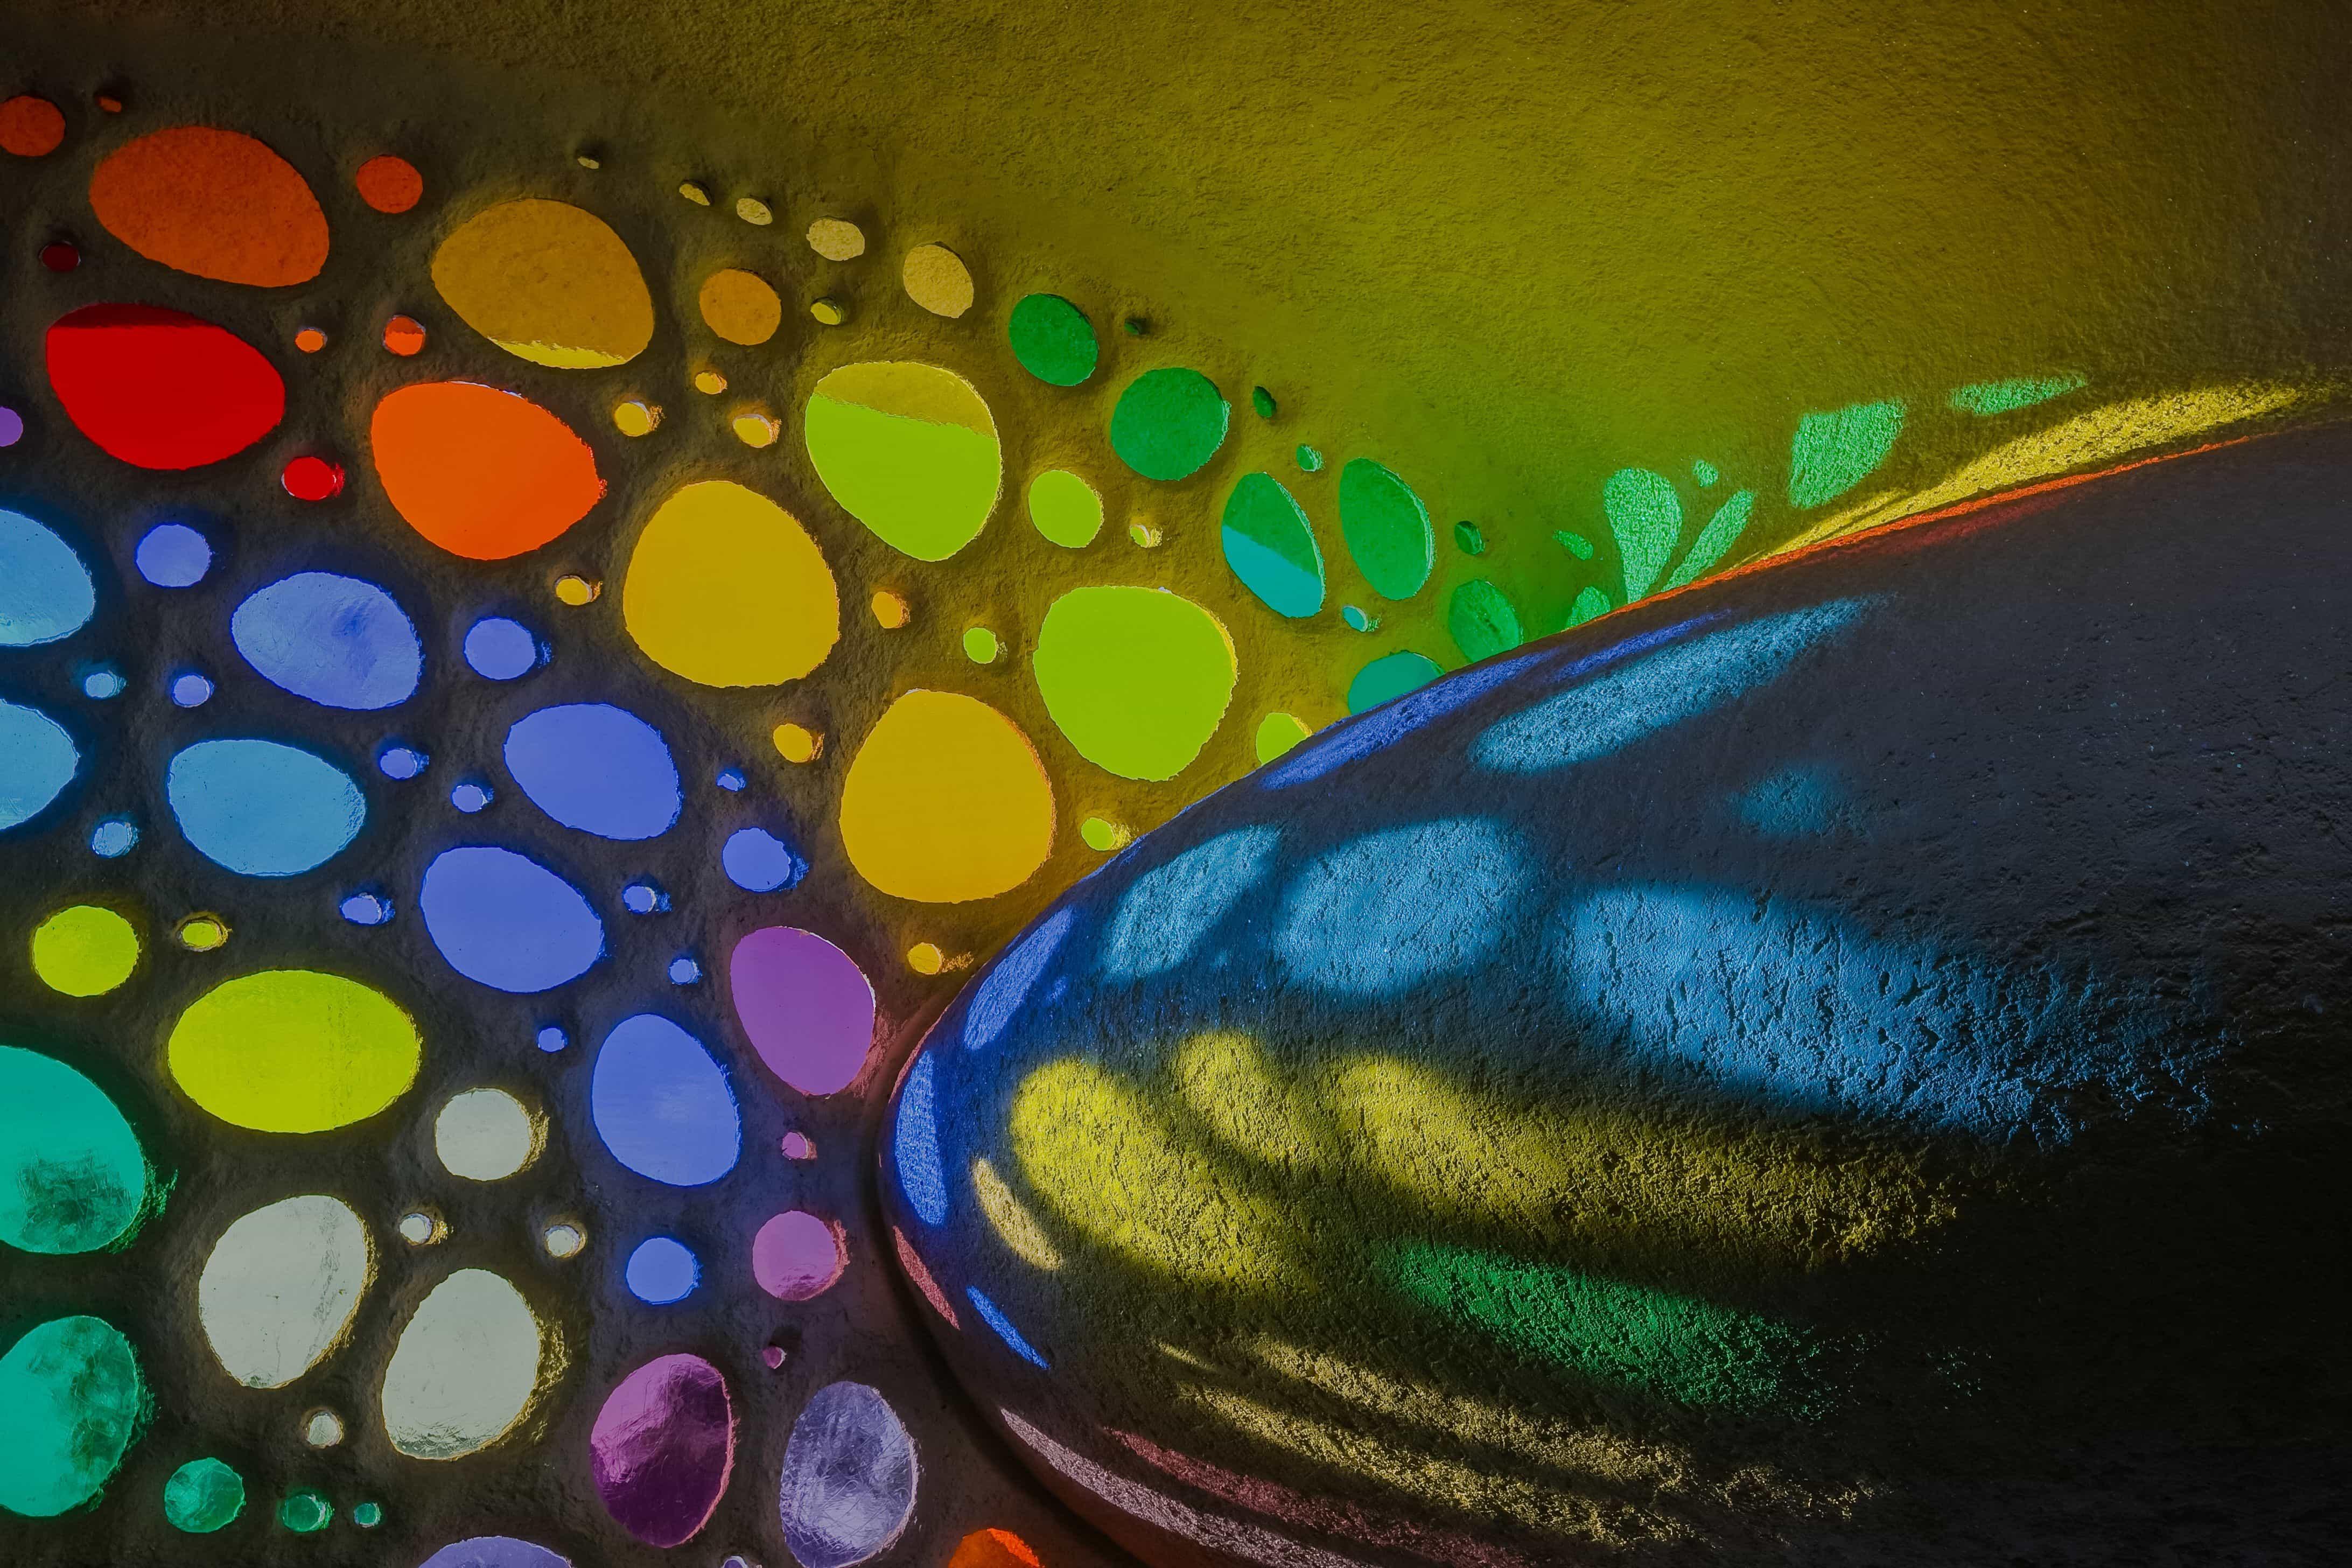 La luz a través de los vitrales de la casa orgánica Nautilus.